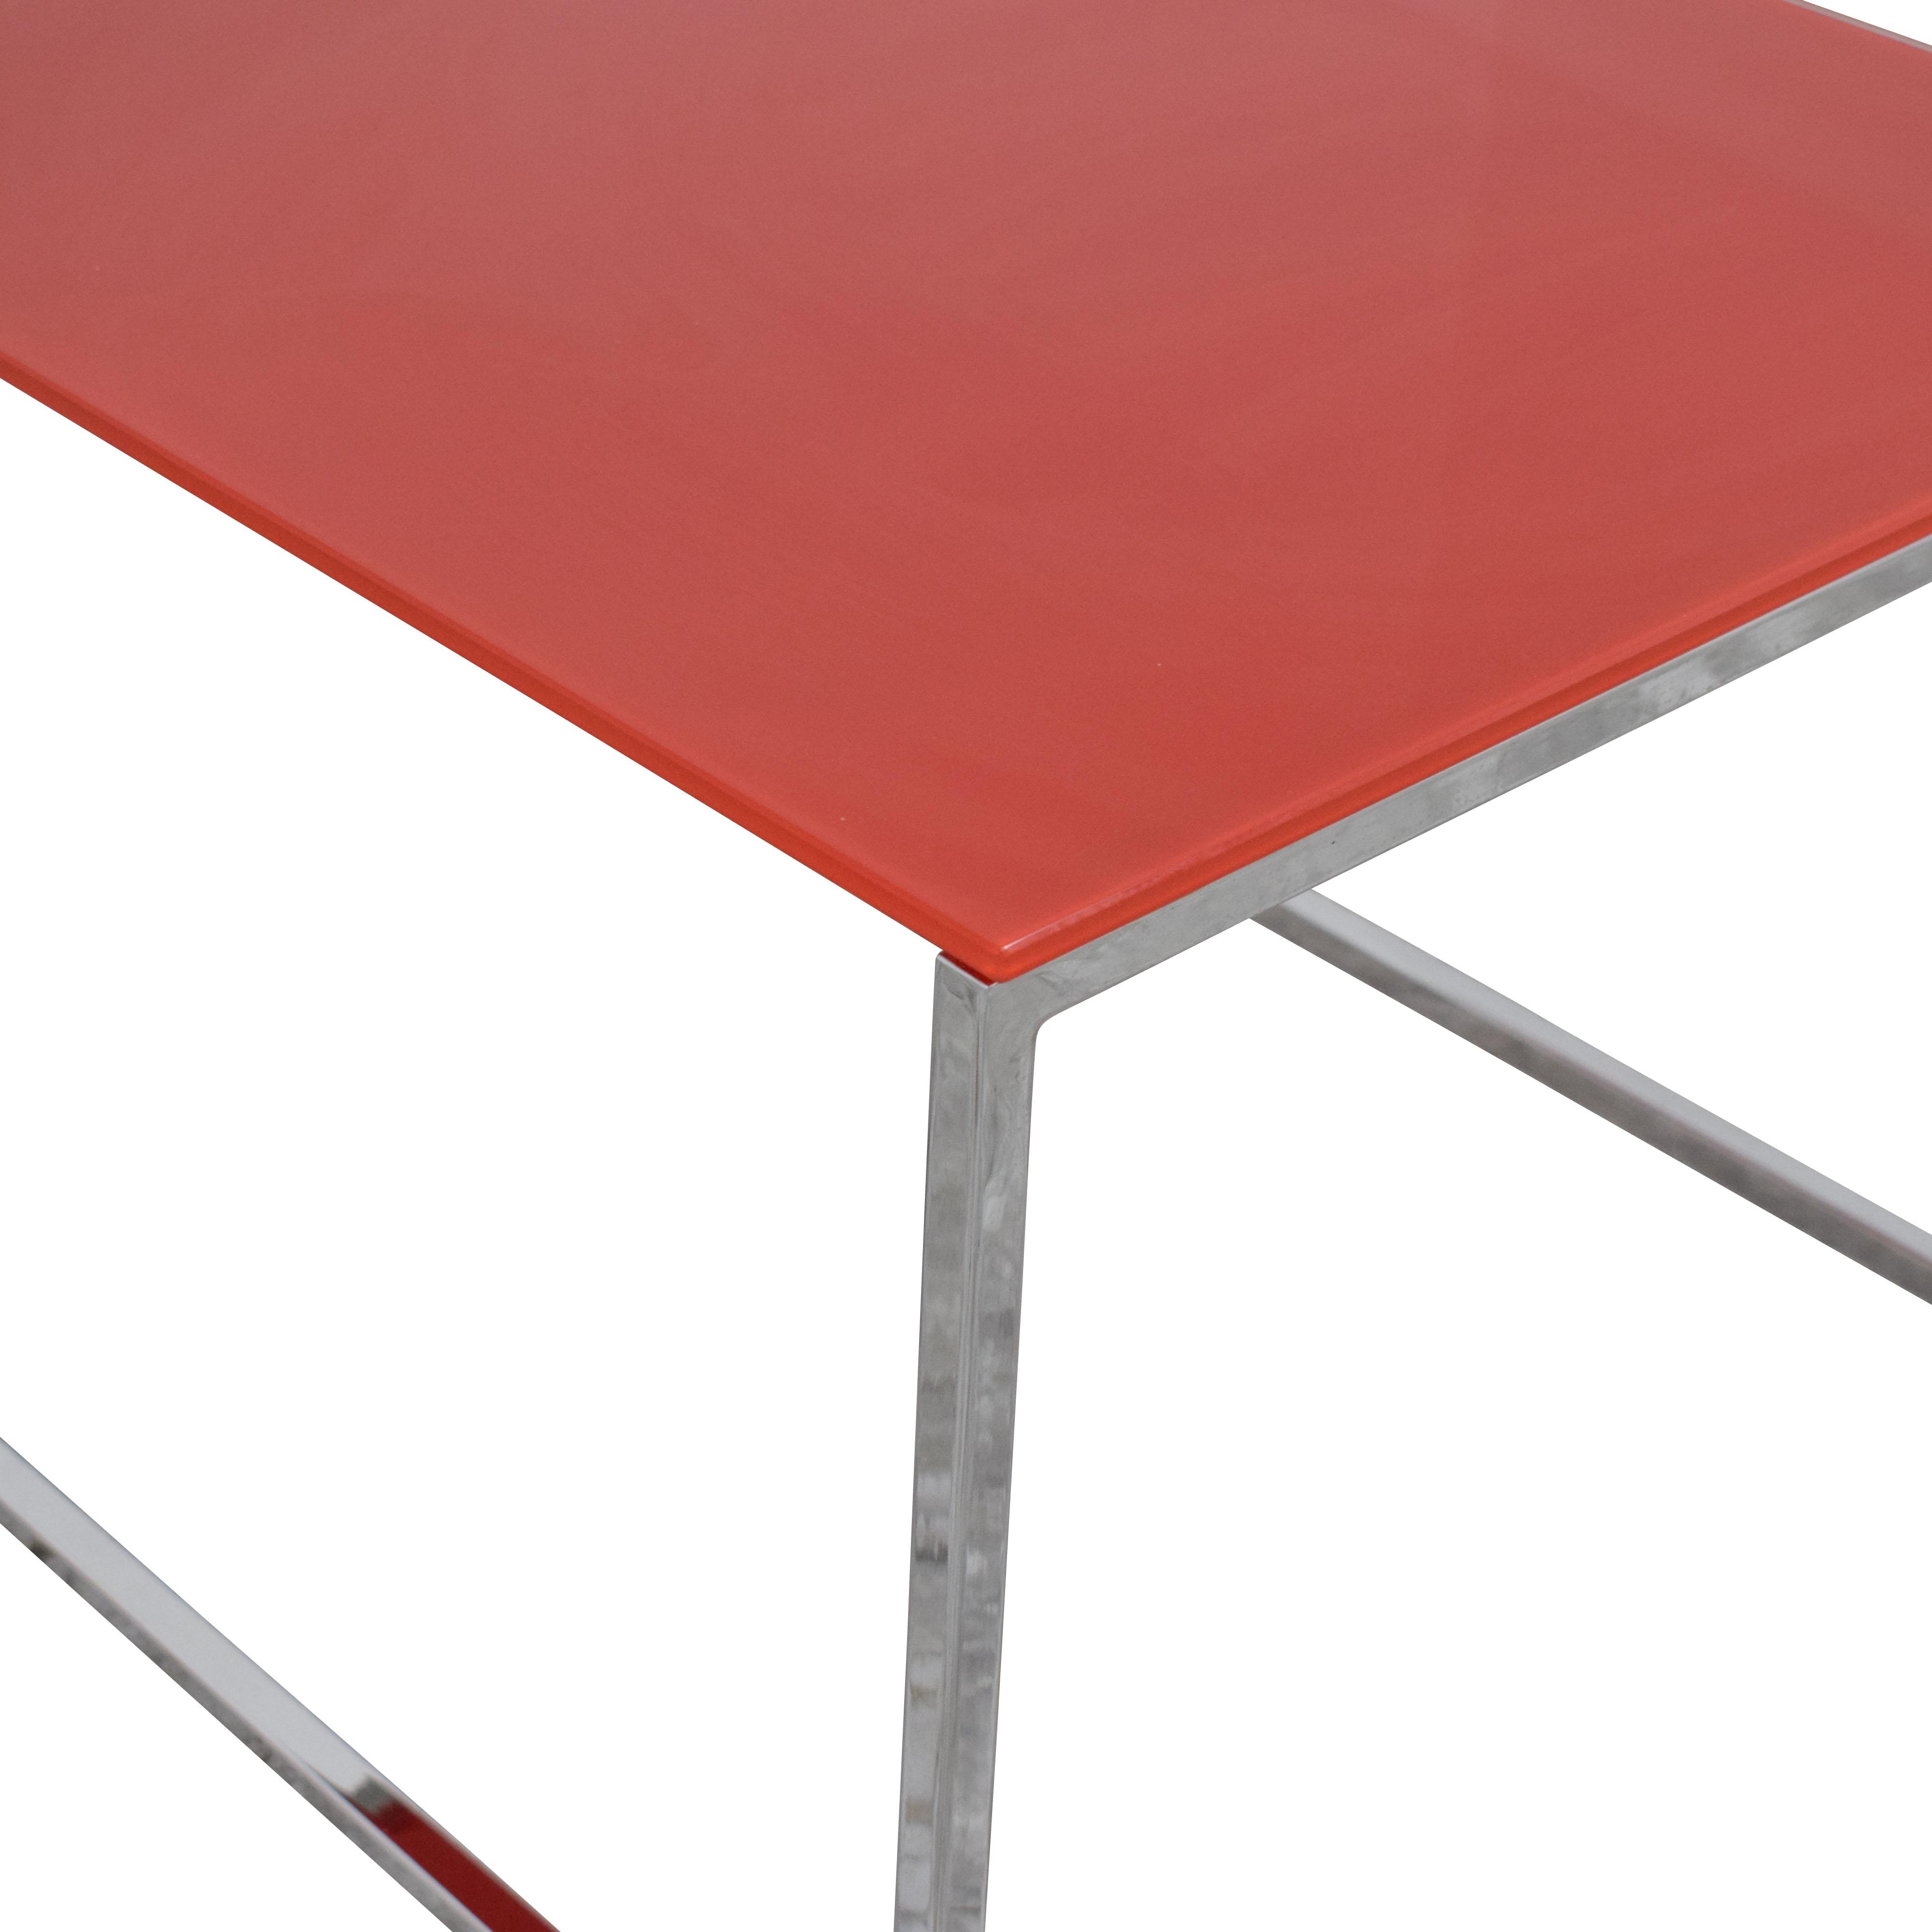 BoConcept BoConcept End Table